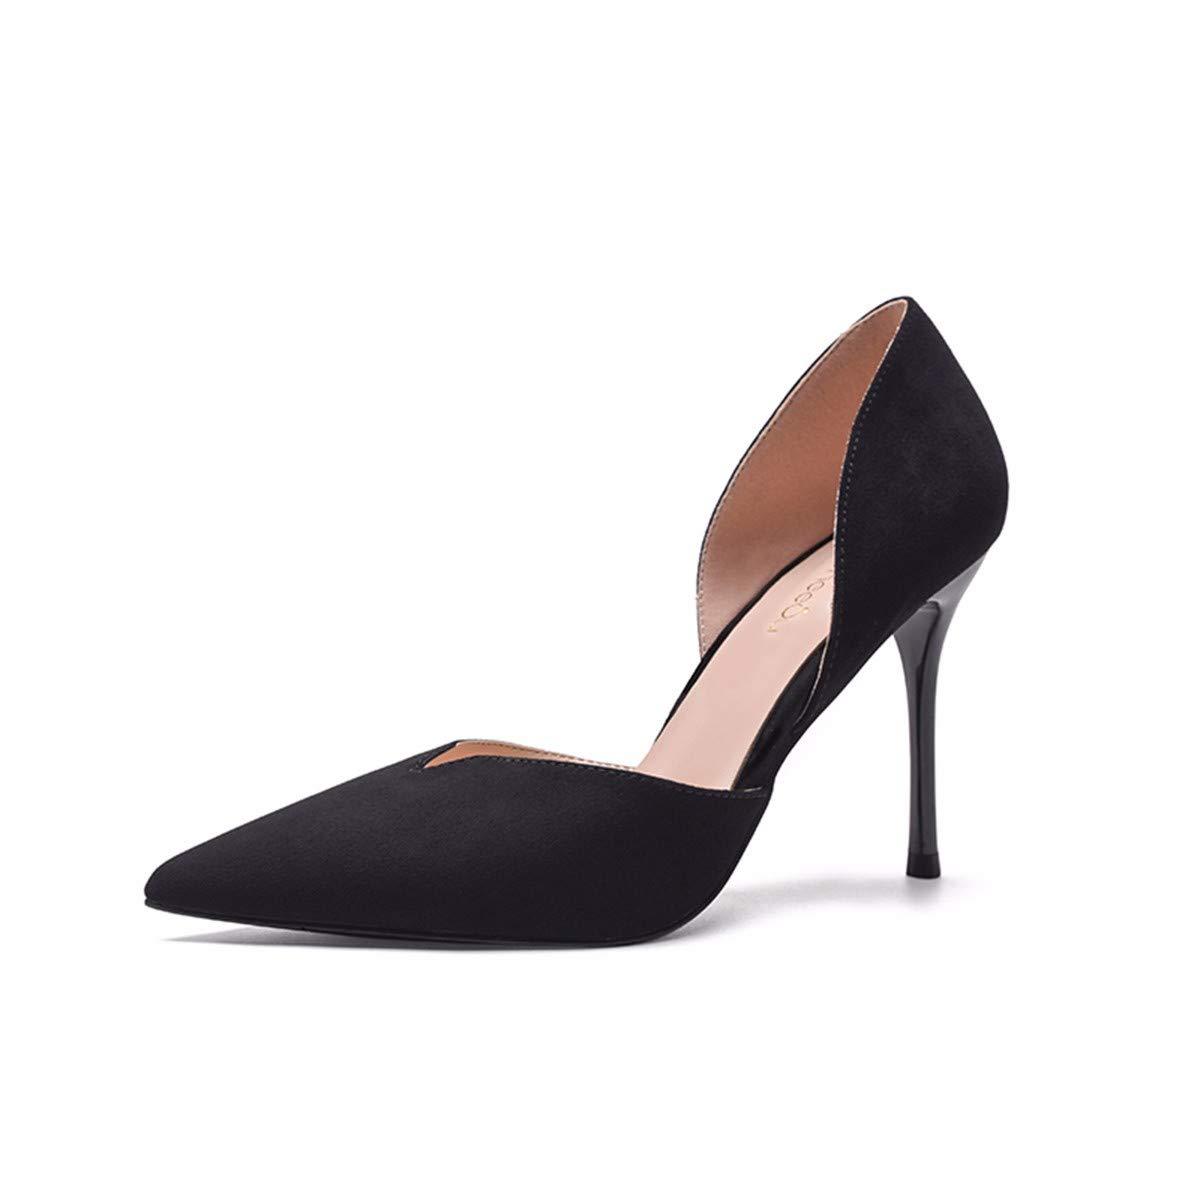 KPHY Damenschuhe/Damen - Sandalen Sexy Spitze 10Cm 10Cm 10Cm Hochhackigen Schuhe Vereiste Und Dünn Leere Tasche Füße Einheitlichen Schuhmode.37 Schwarz - ad9c5f